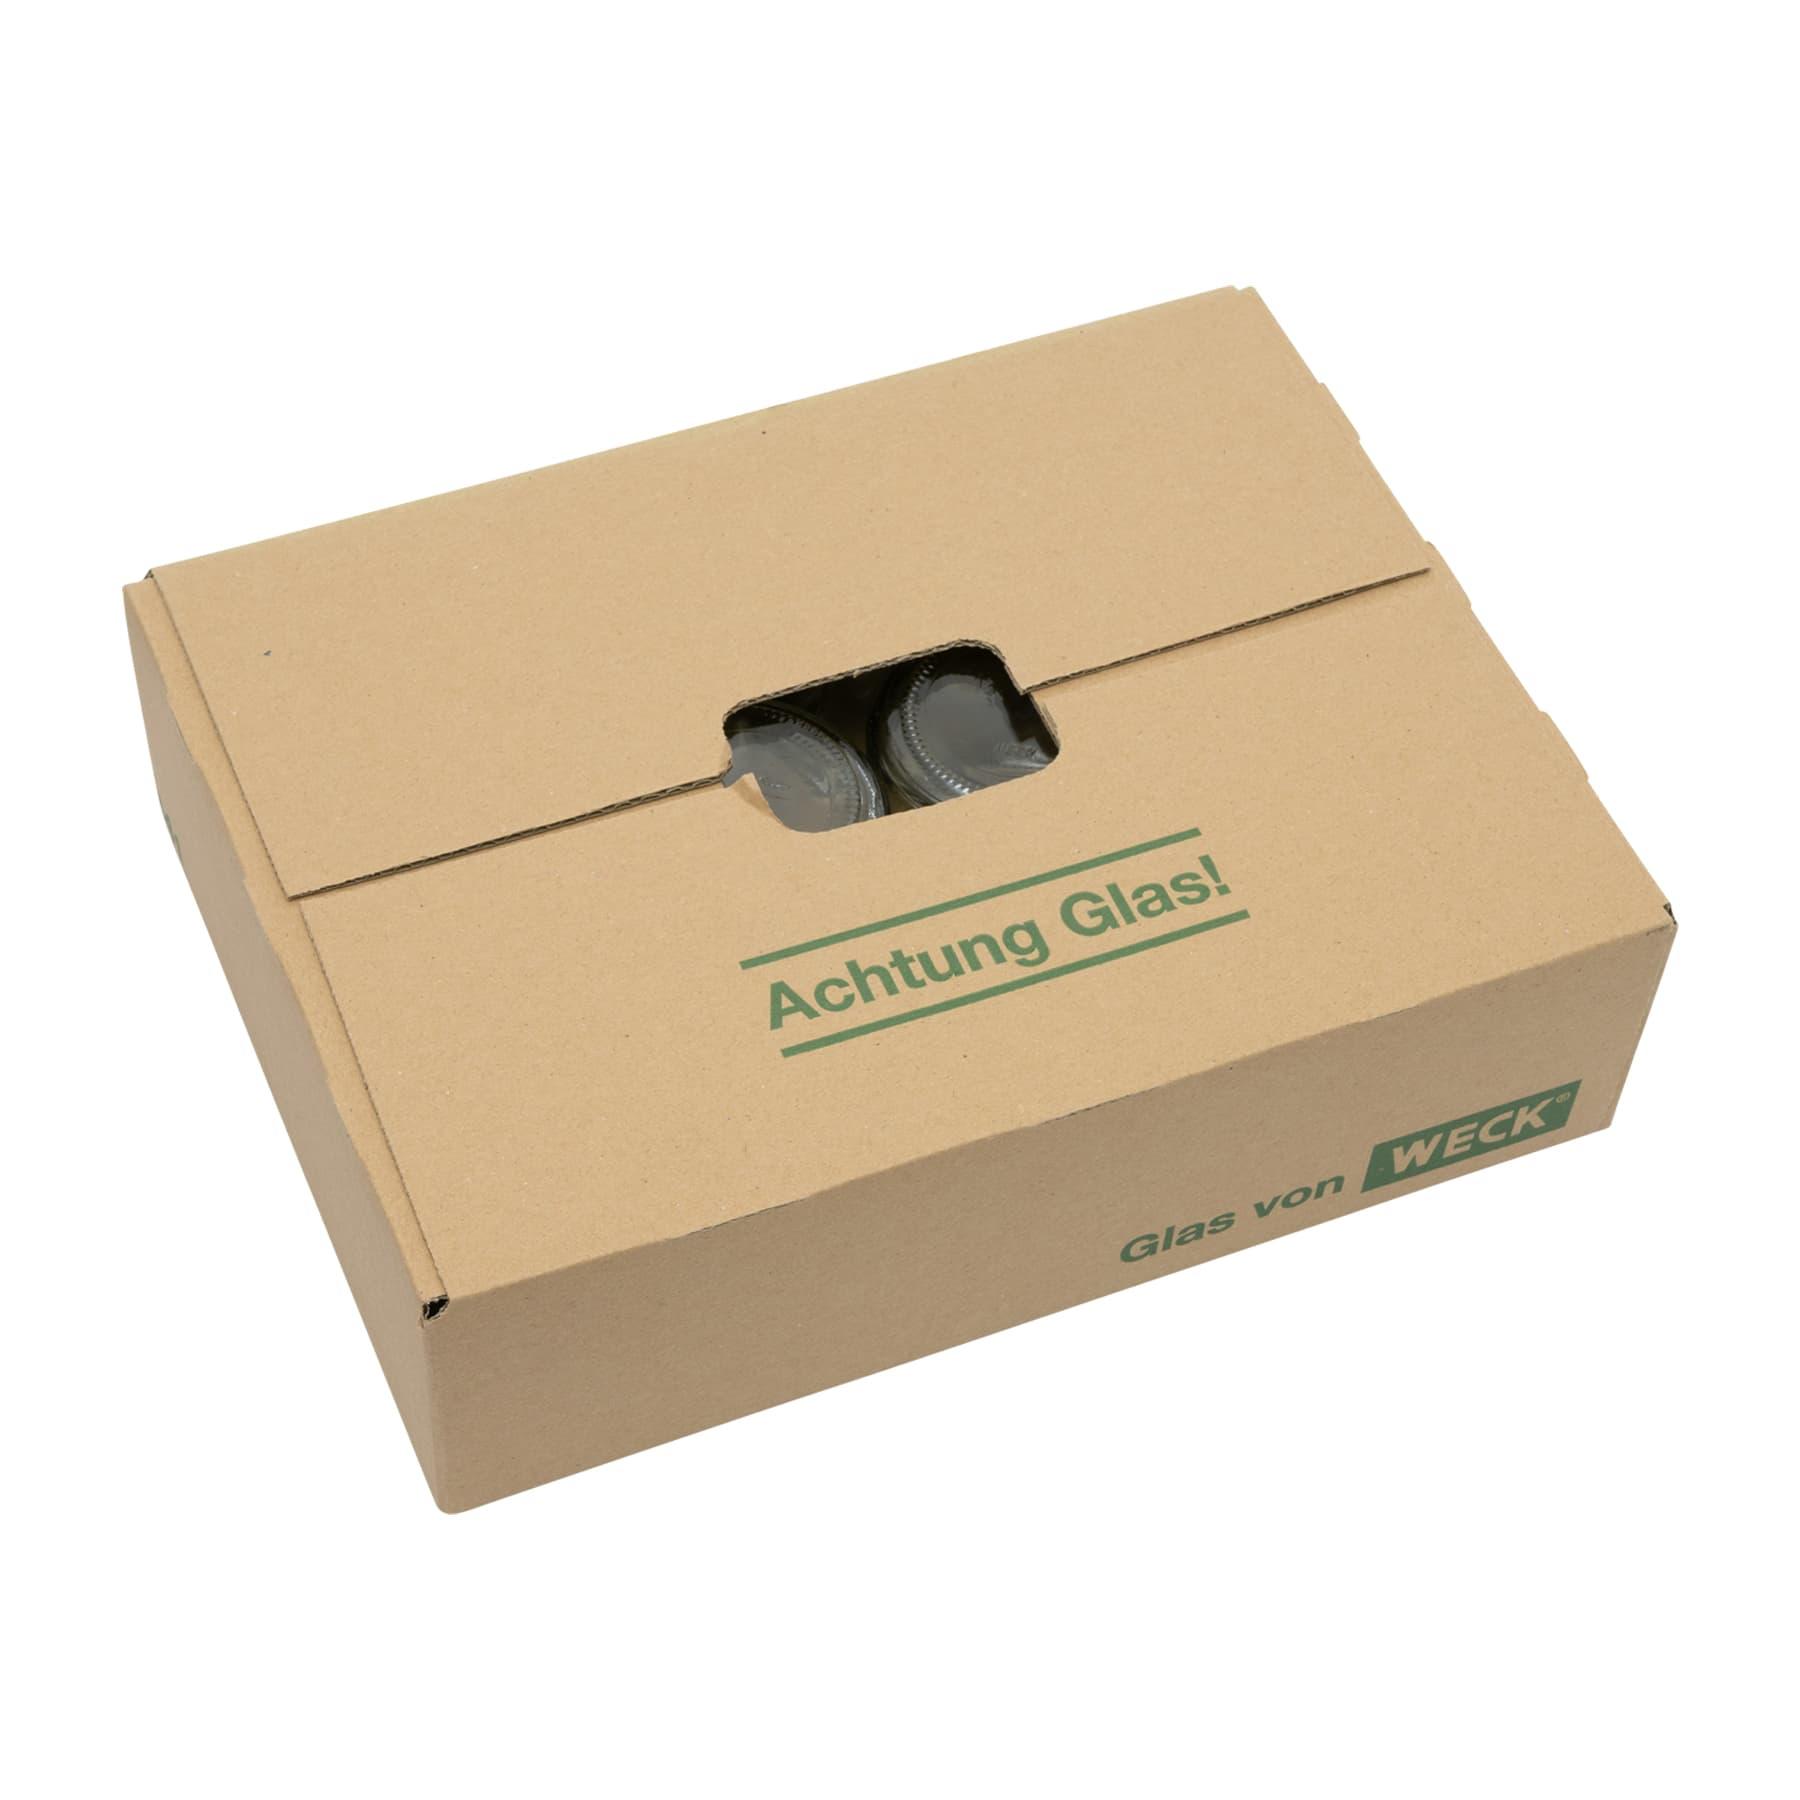 Rundglas 250 g mit Schraubdeckel 68 mm Kunststoff, im Karton nur Selbstabholung, Weck Nr. Artikel 641